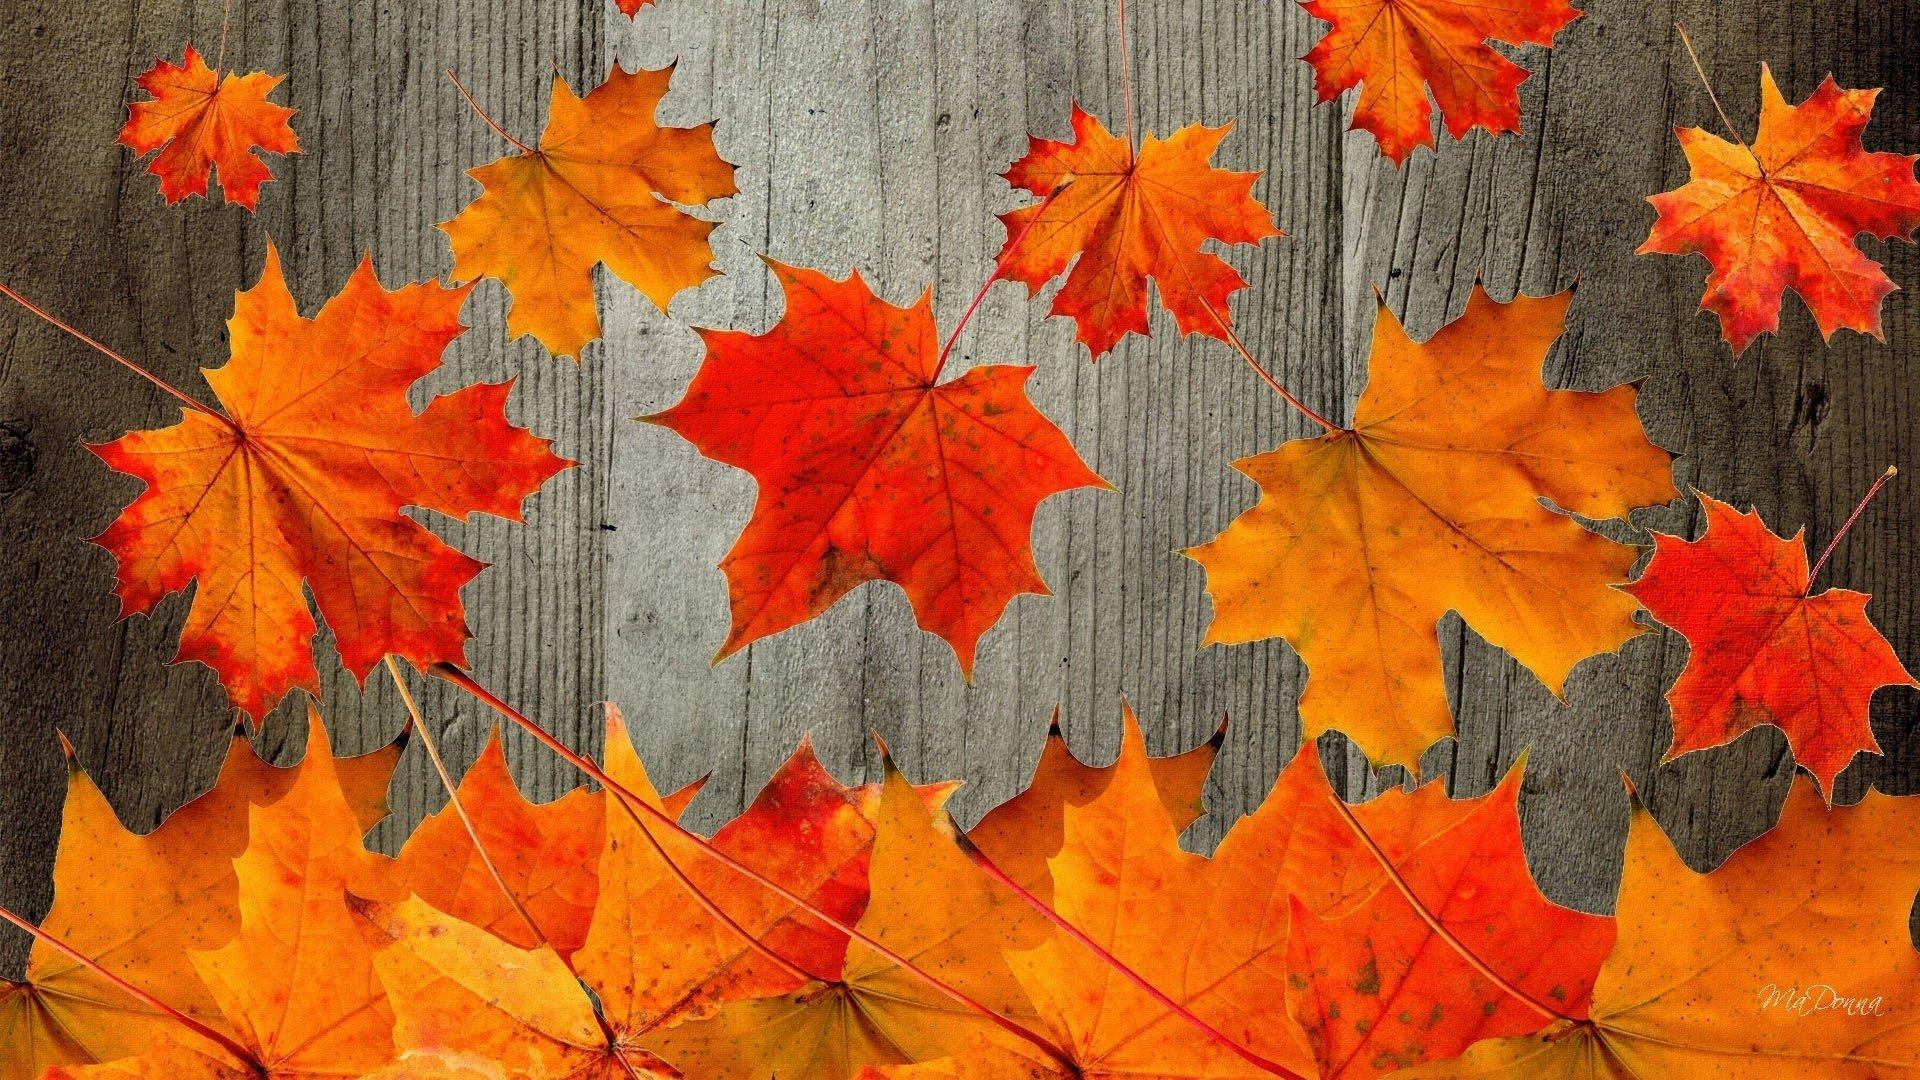 Cute Fall Wallpaper Free